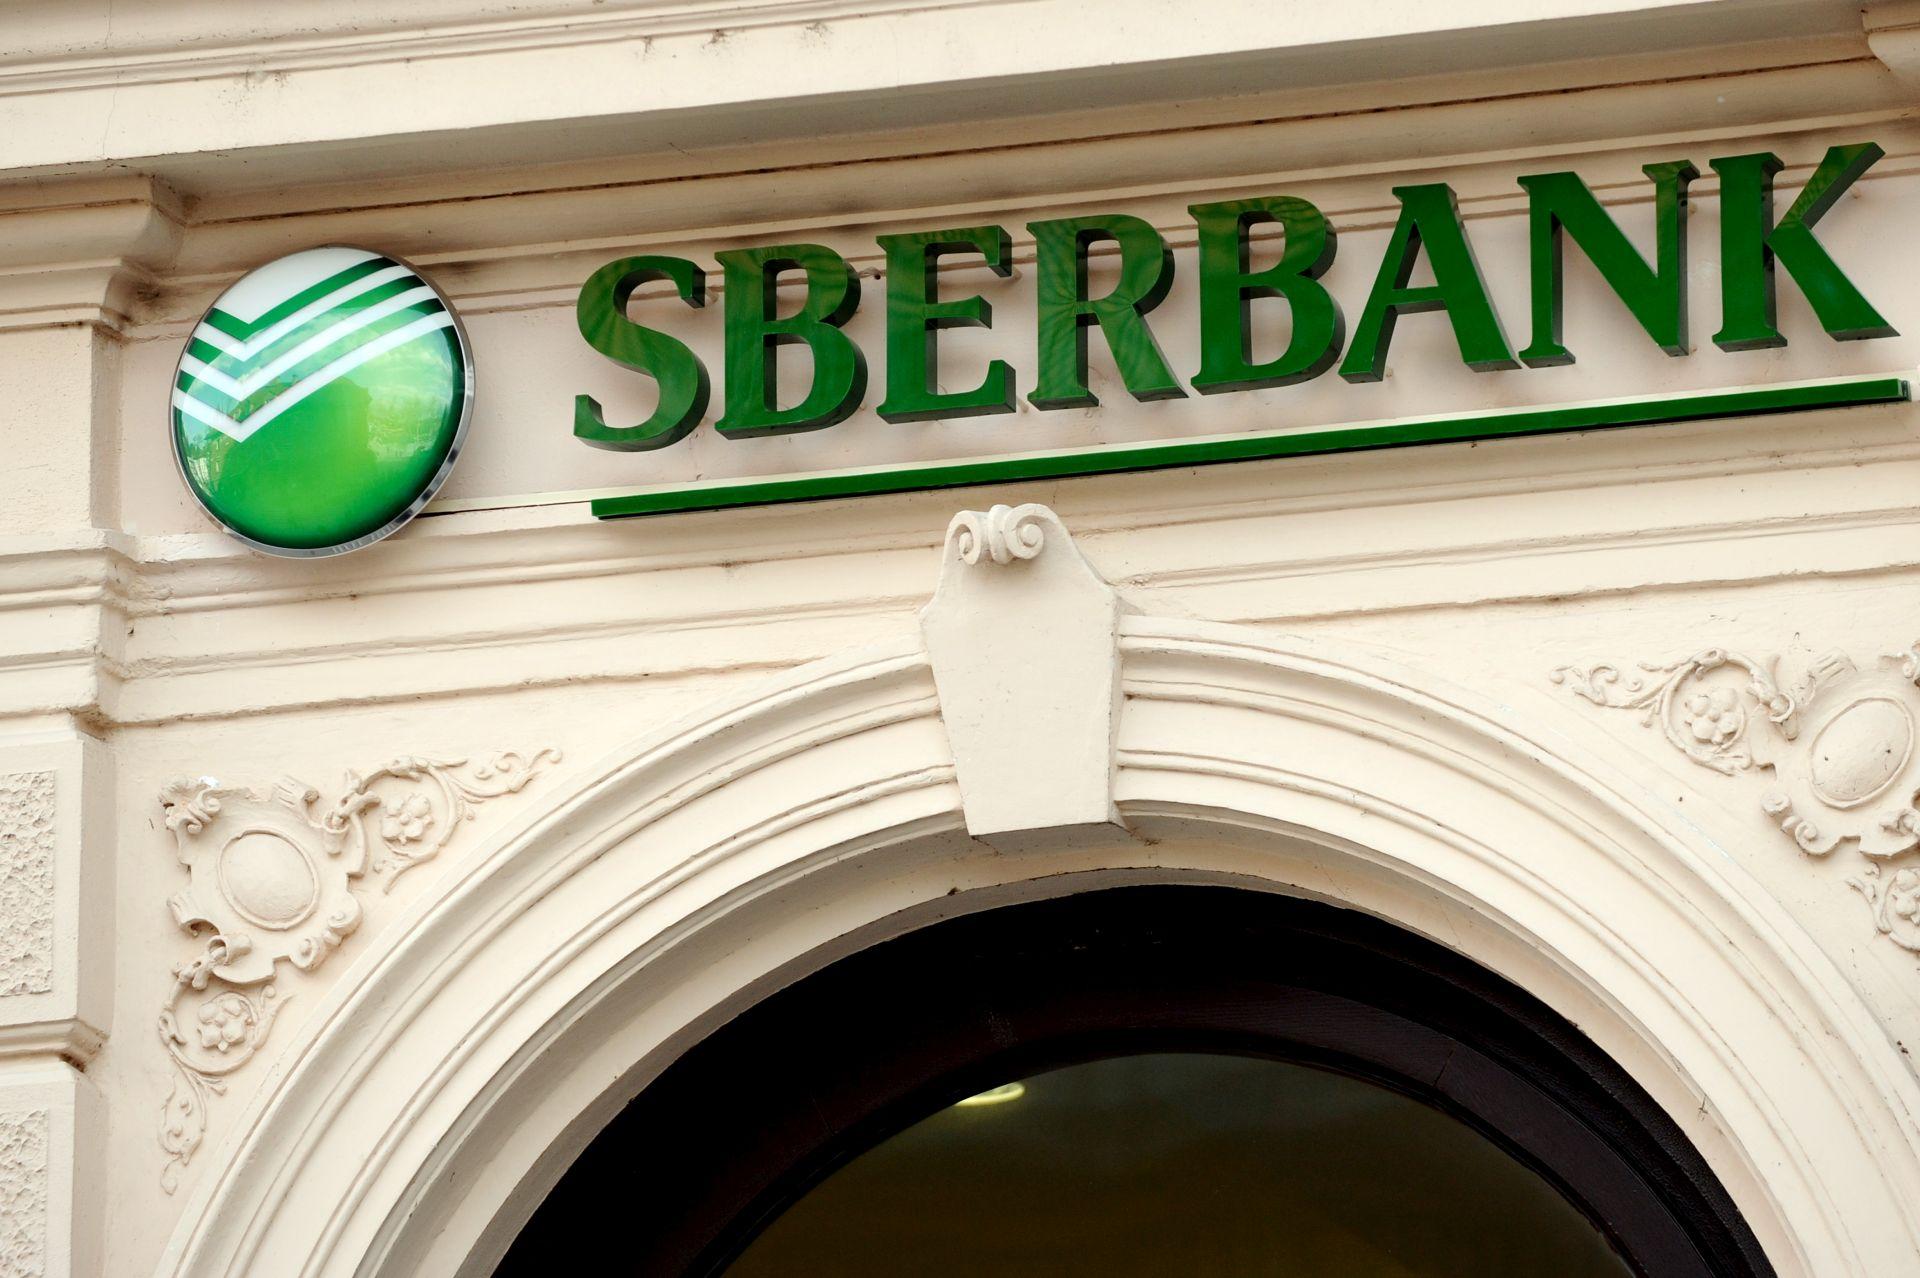 Visoki trgovački sud odbio žalbu Sberbanka